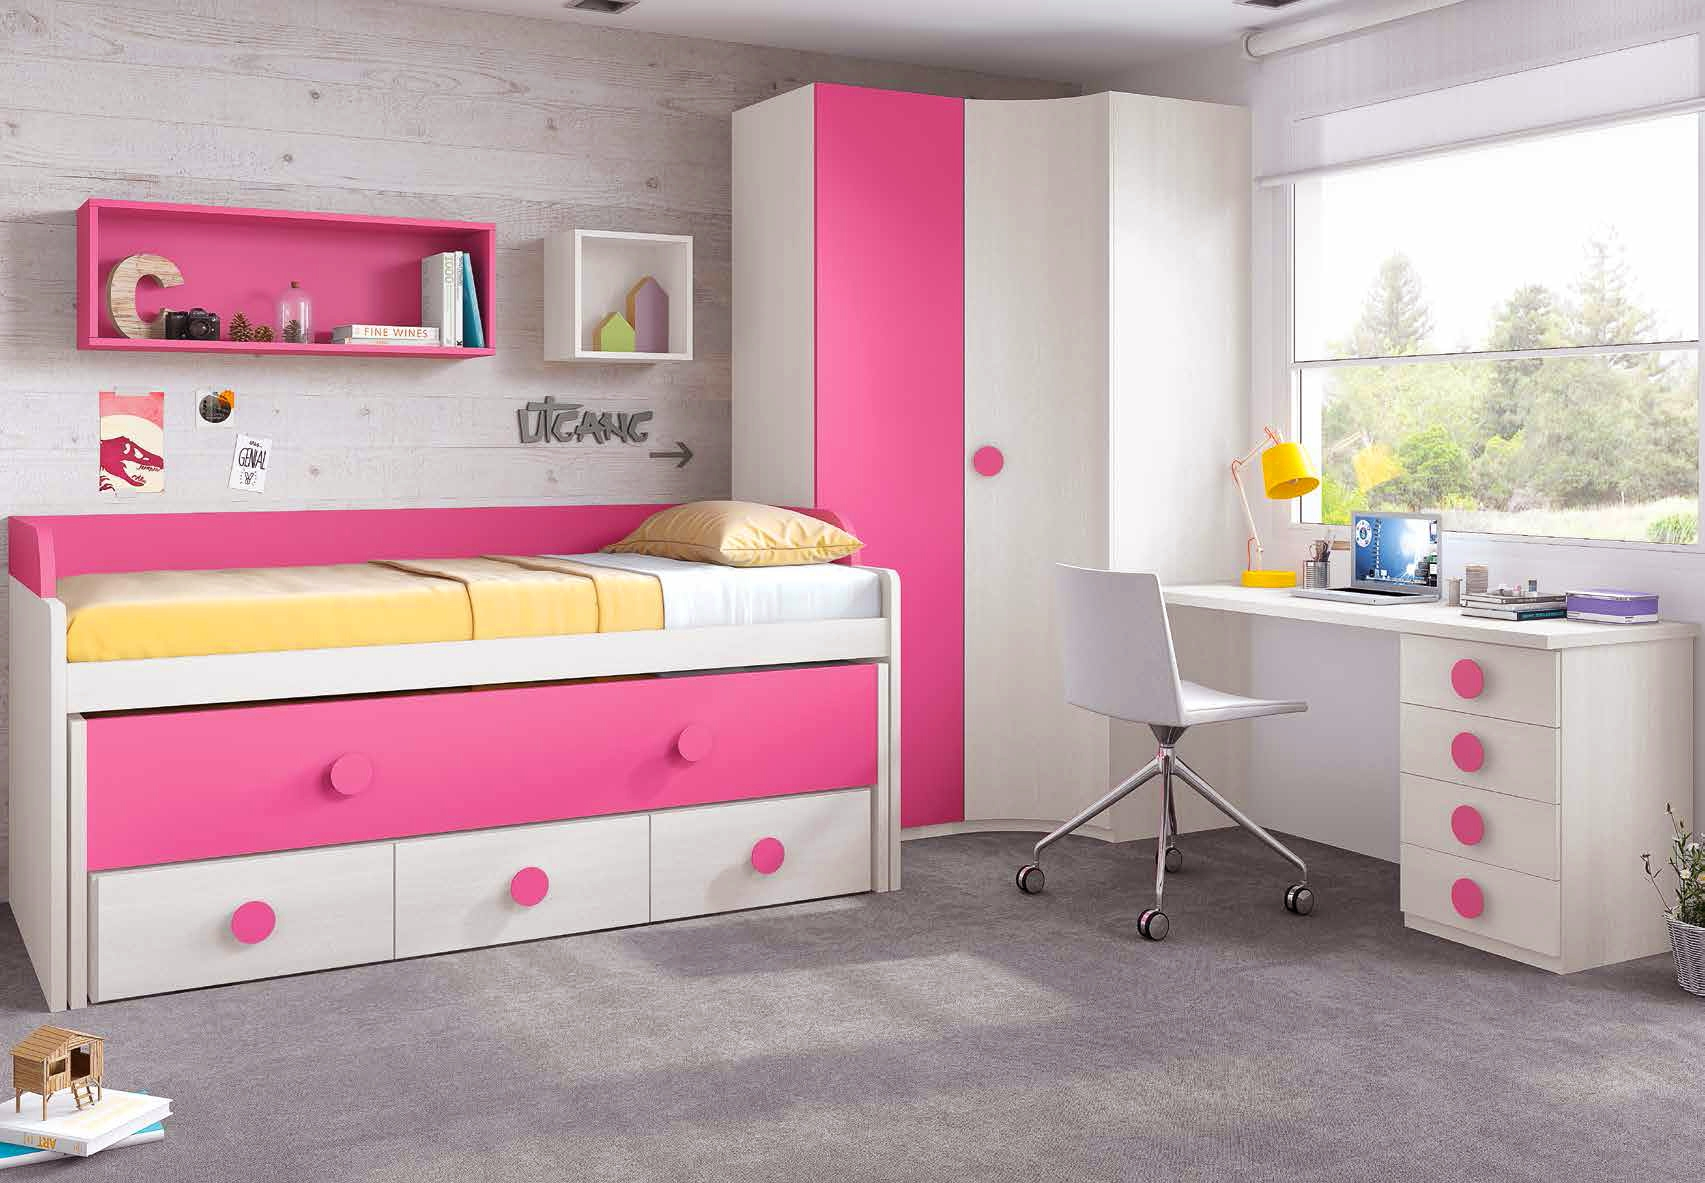 Chambre de fille fun avec lit surélévé & gigogne GLICERIO SO NUIT